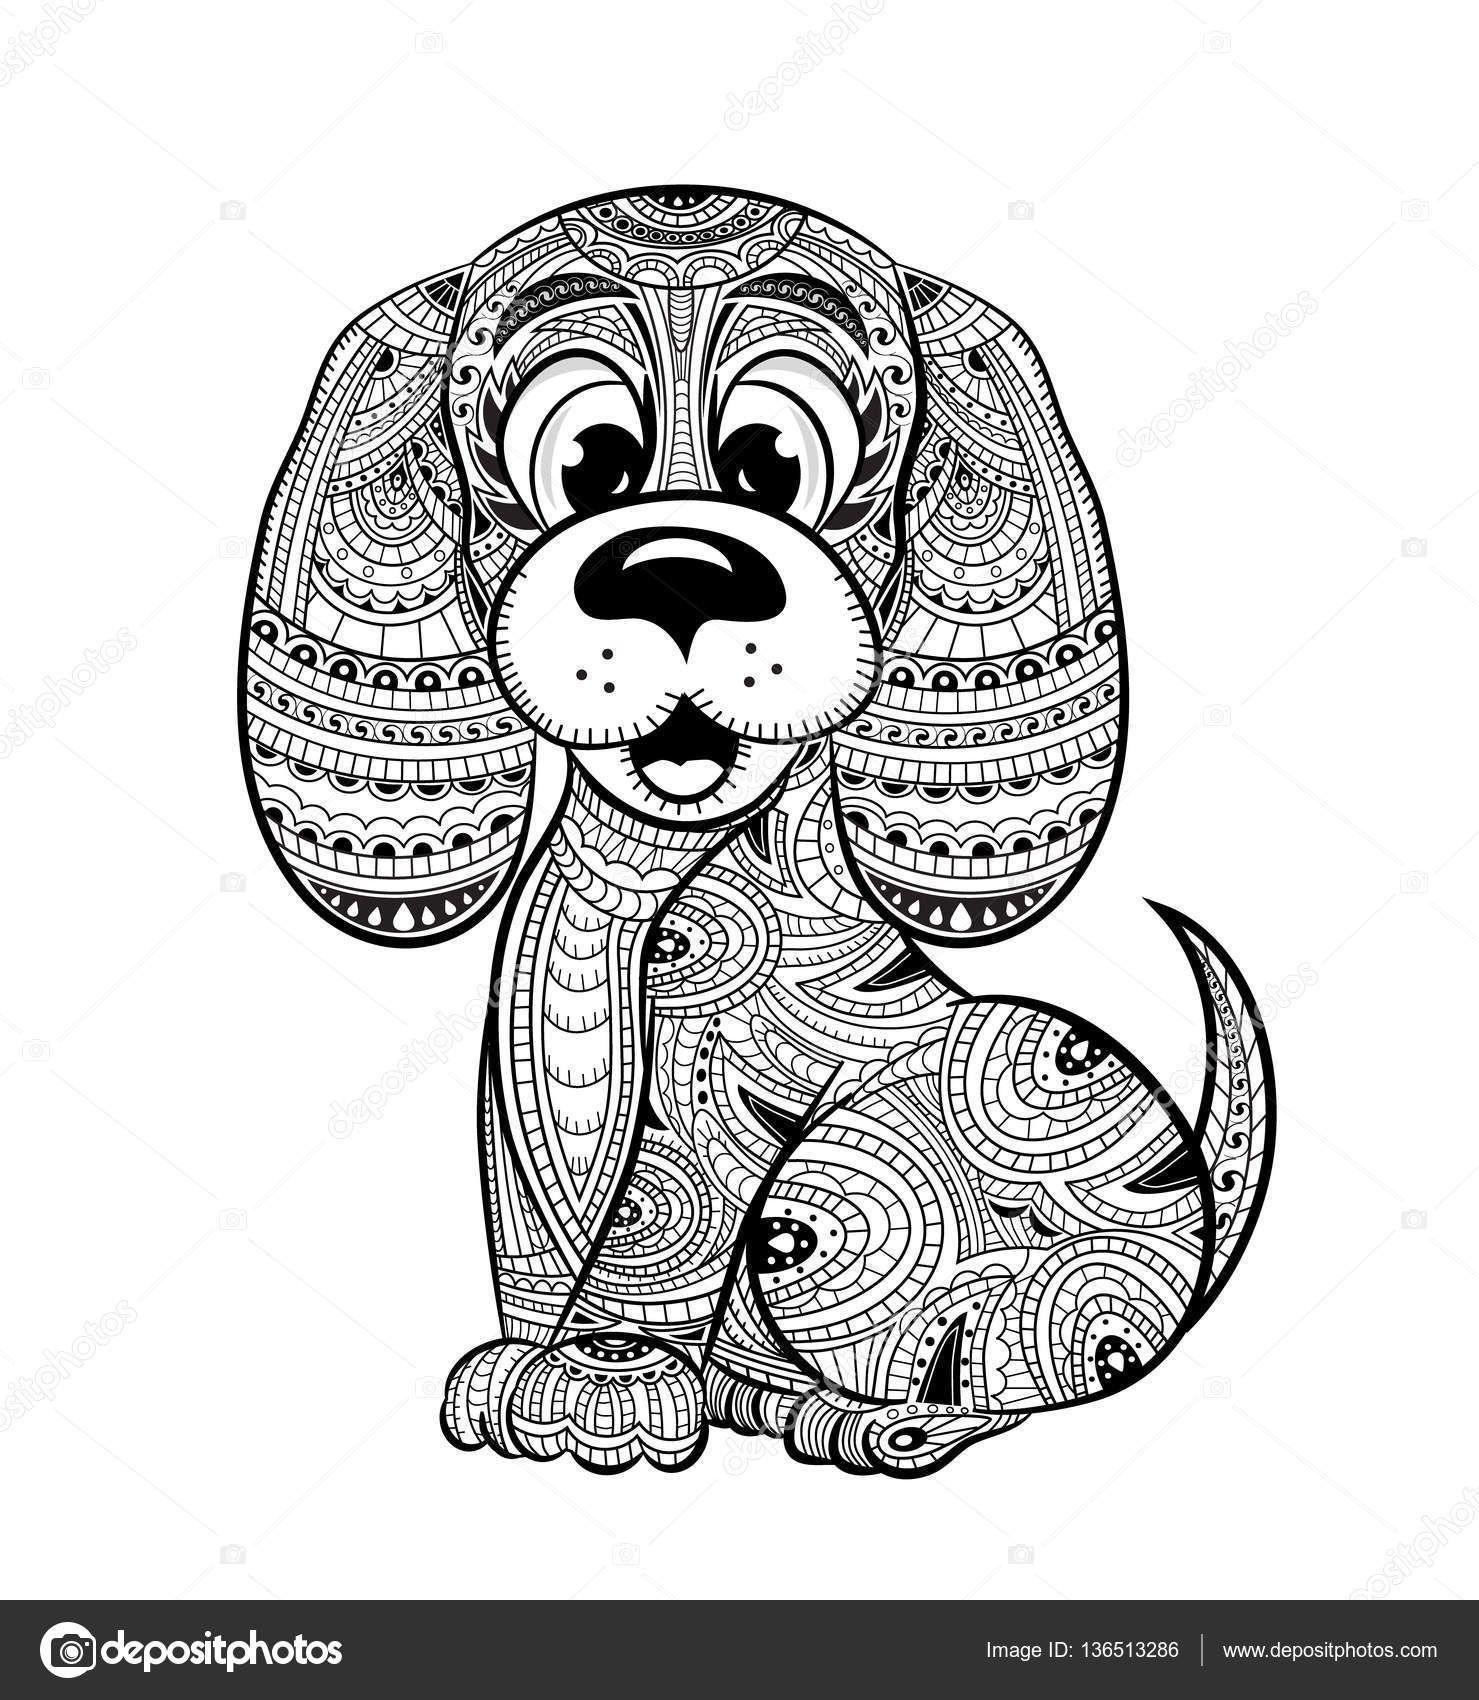 Descargar - Libro de perro anti-stress para colorear para adultos ...